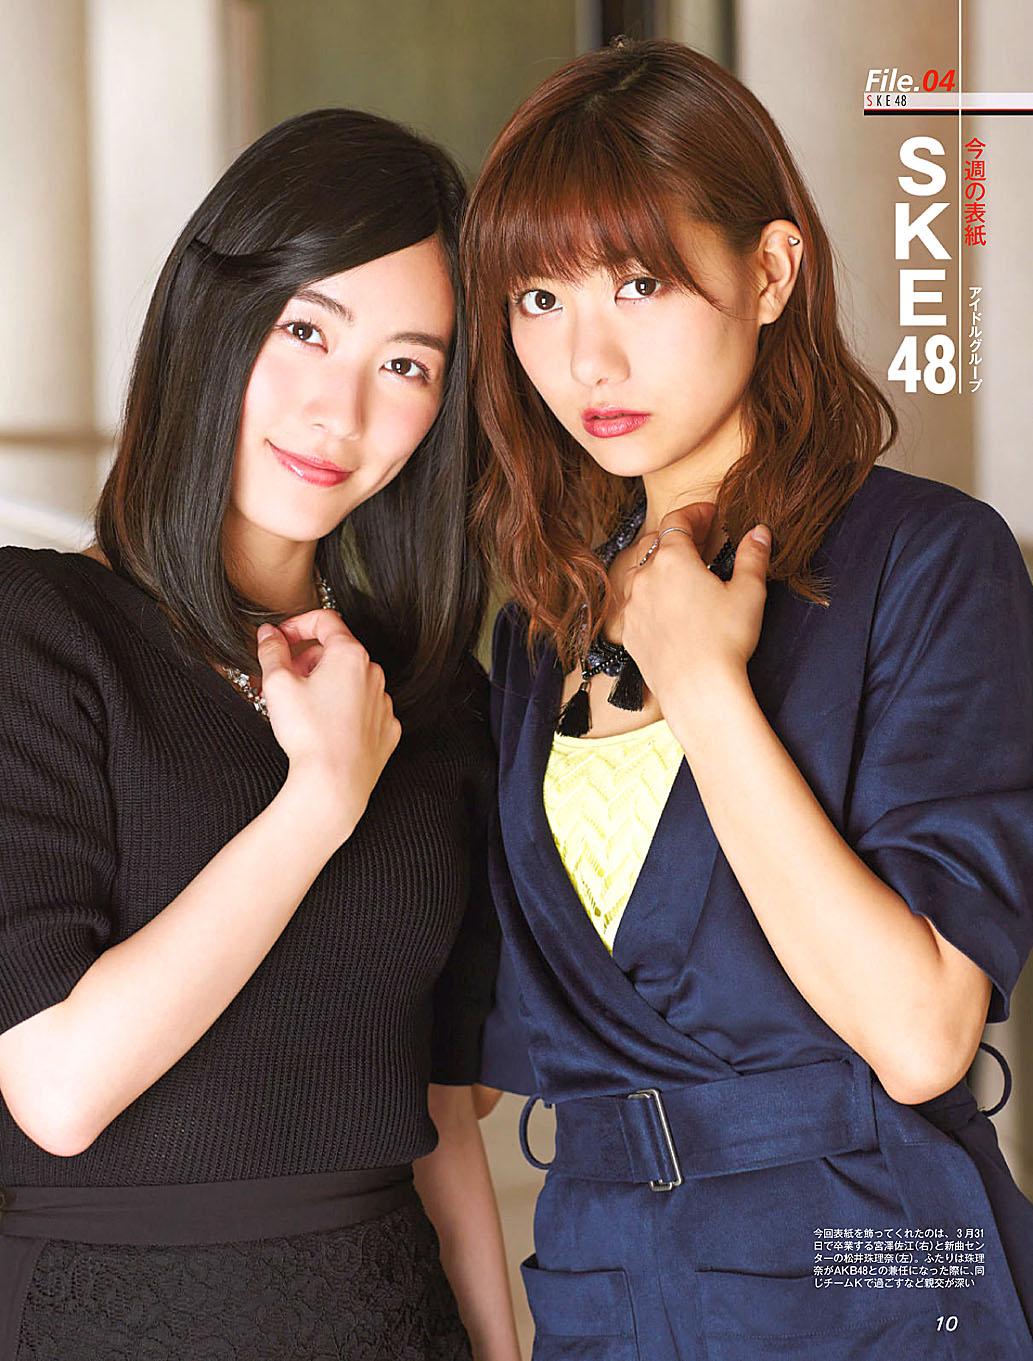 SKE48 Weekly SPA 160405 02.jpg